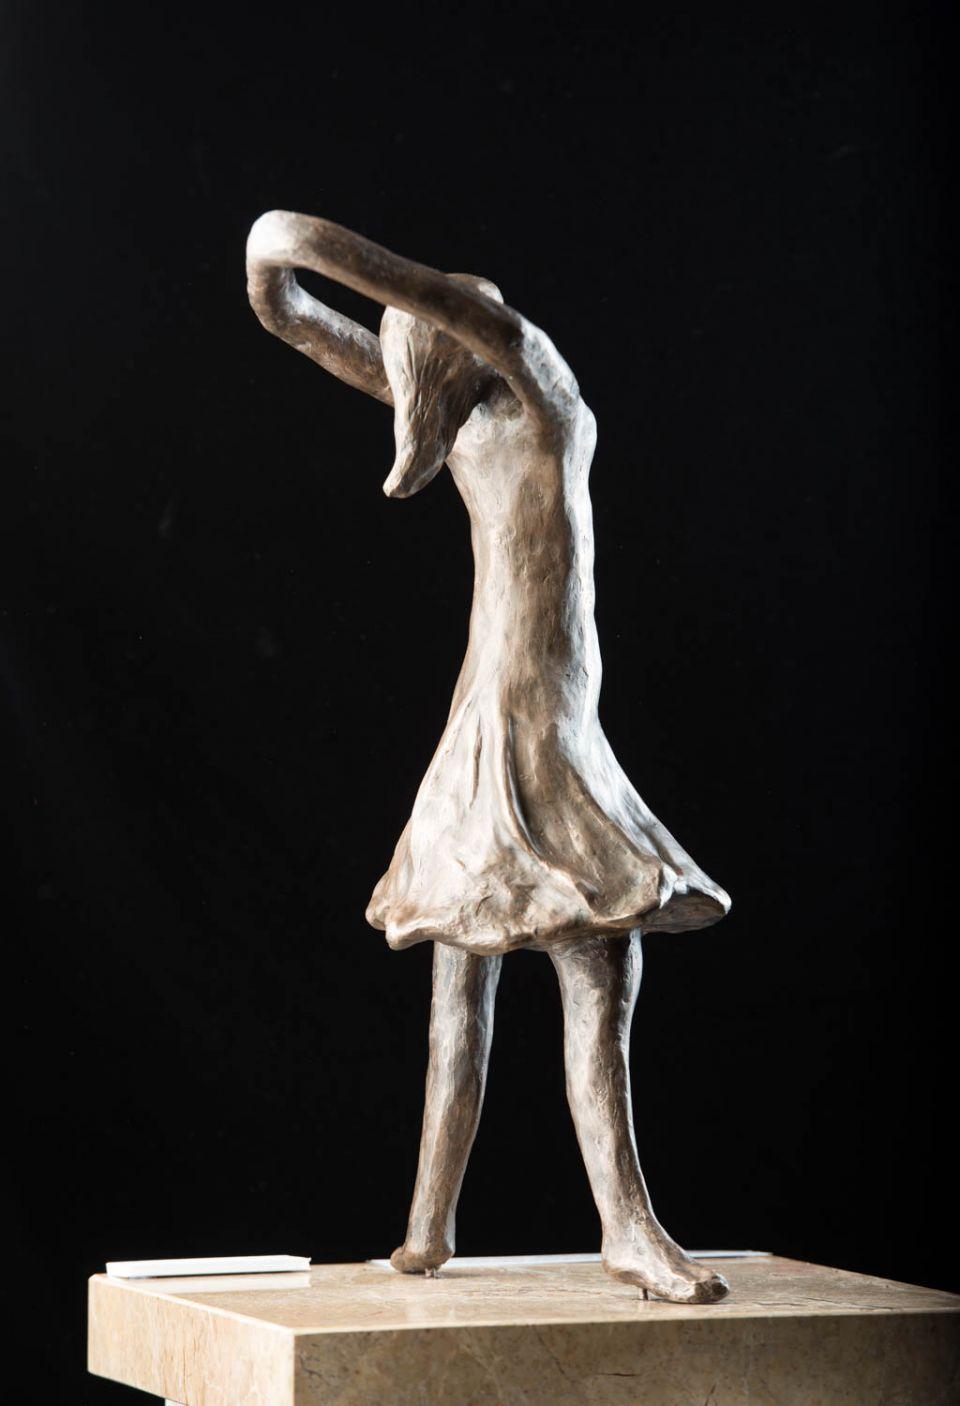 Association of Sculptors of Victoria | Sculpture: